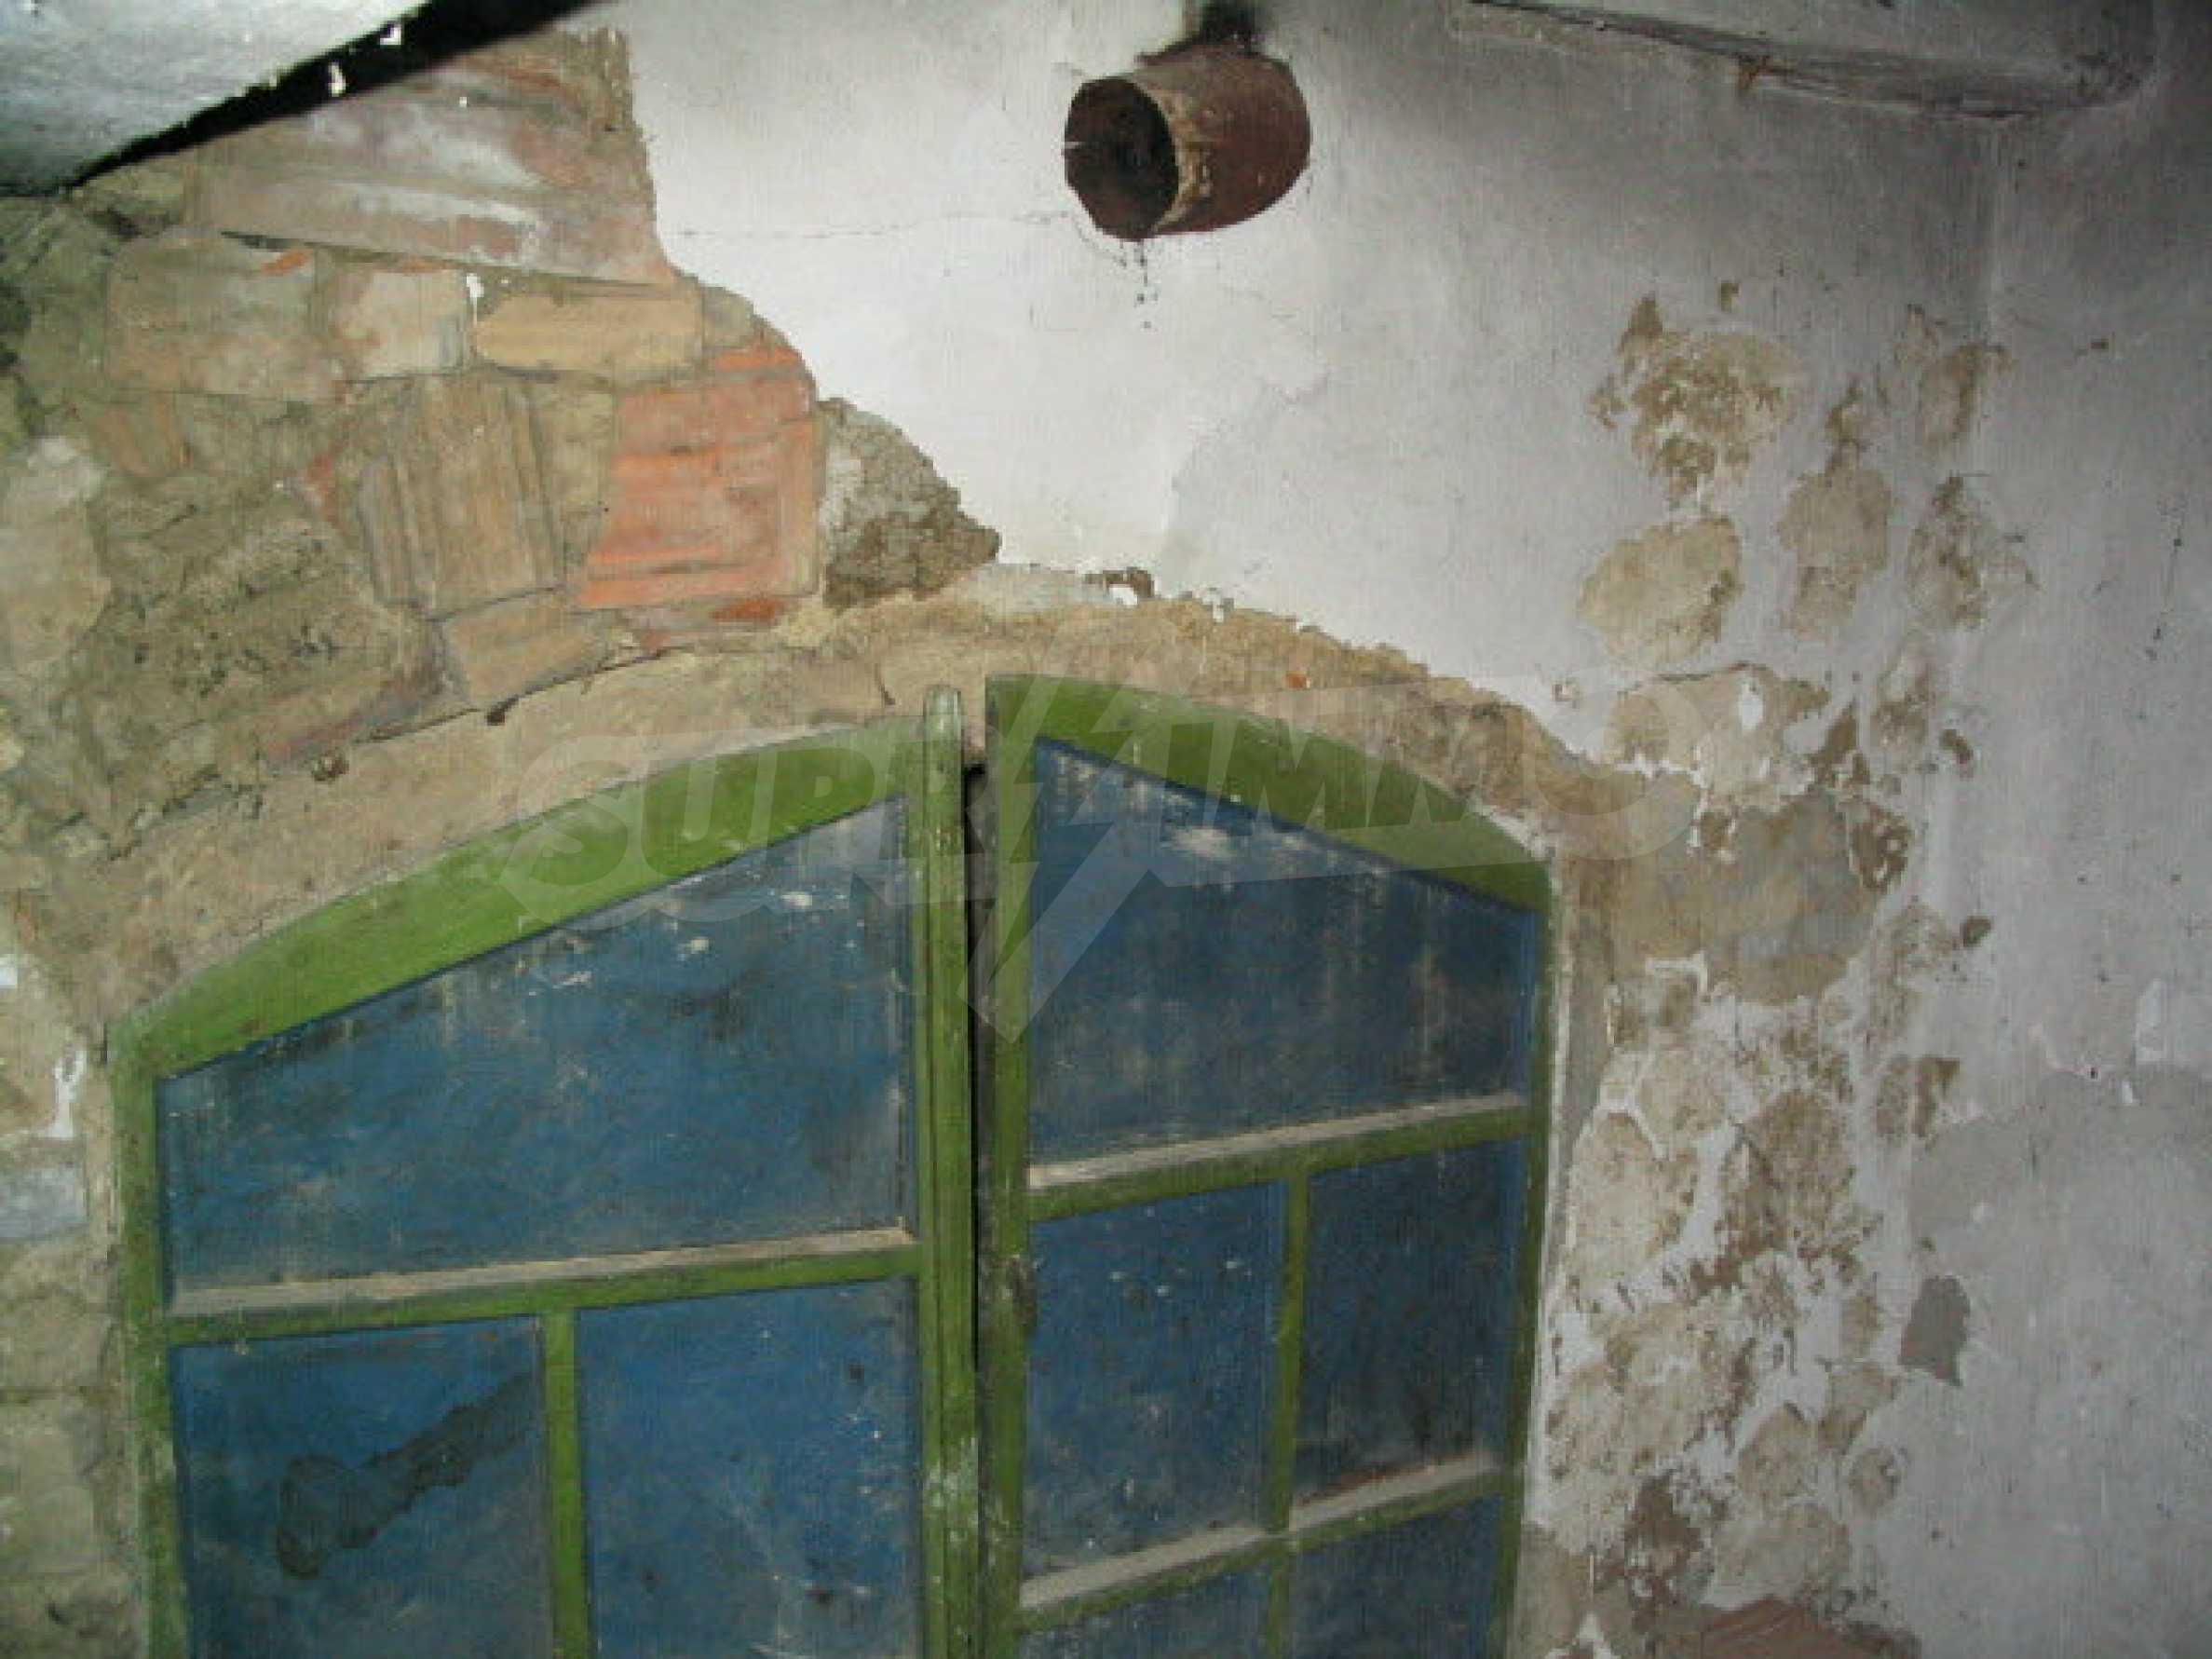 Zweistöckiges Haus zur Renovierung im Dorf Jemen 13